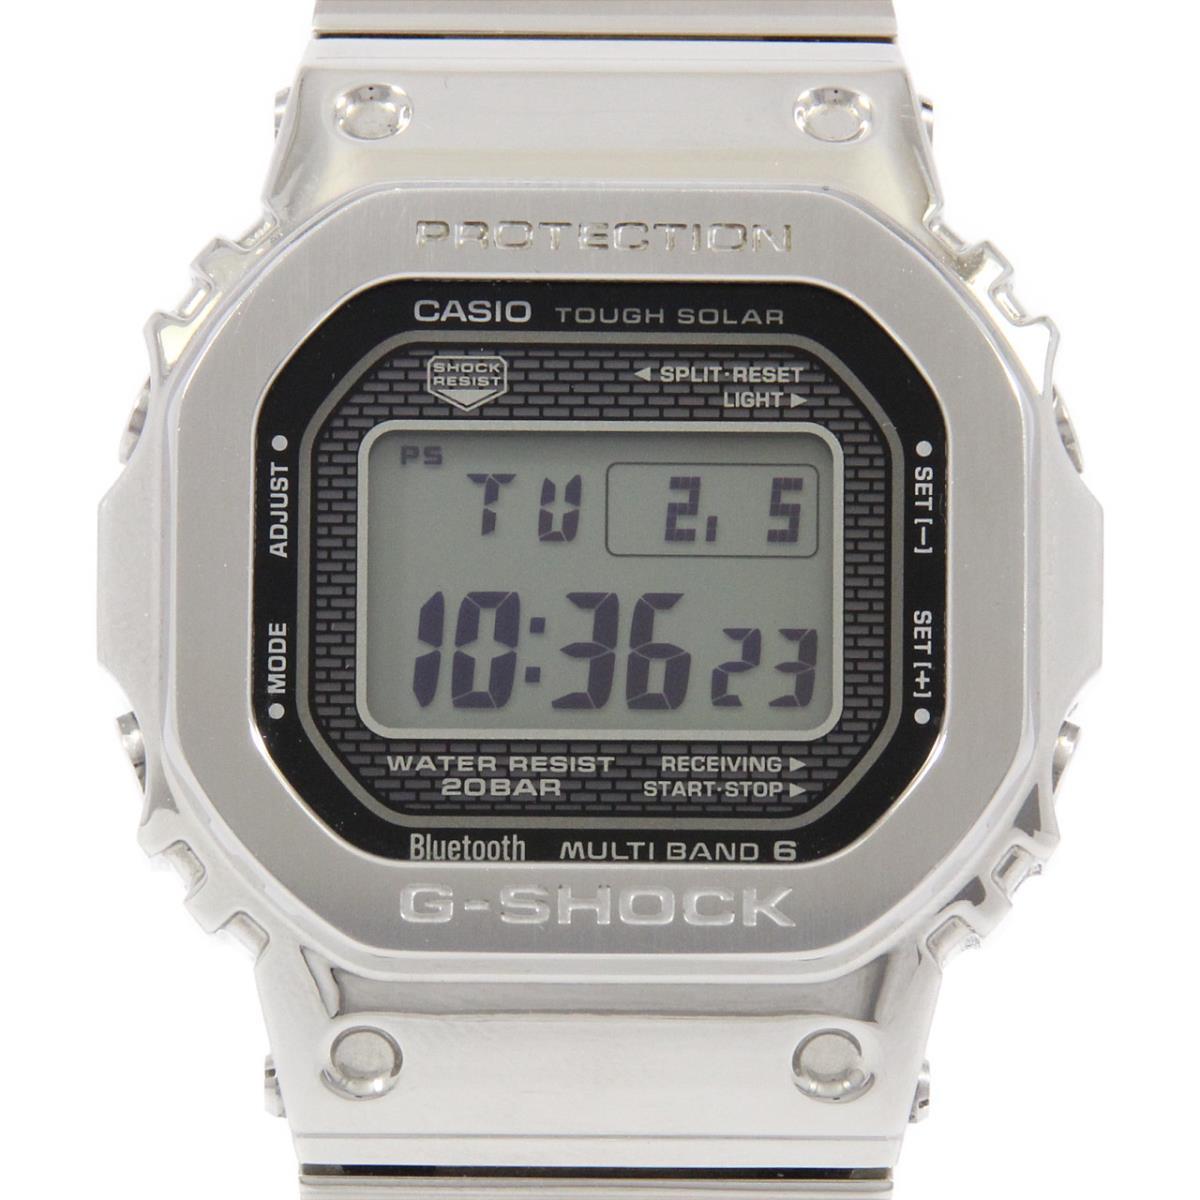 カシオ GMW-B5000D-1JF G-SHOCK ソーラークォーツ【中古】